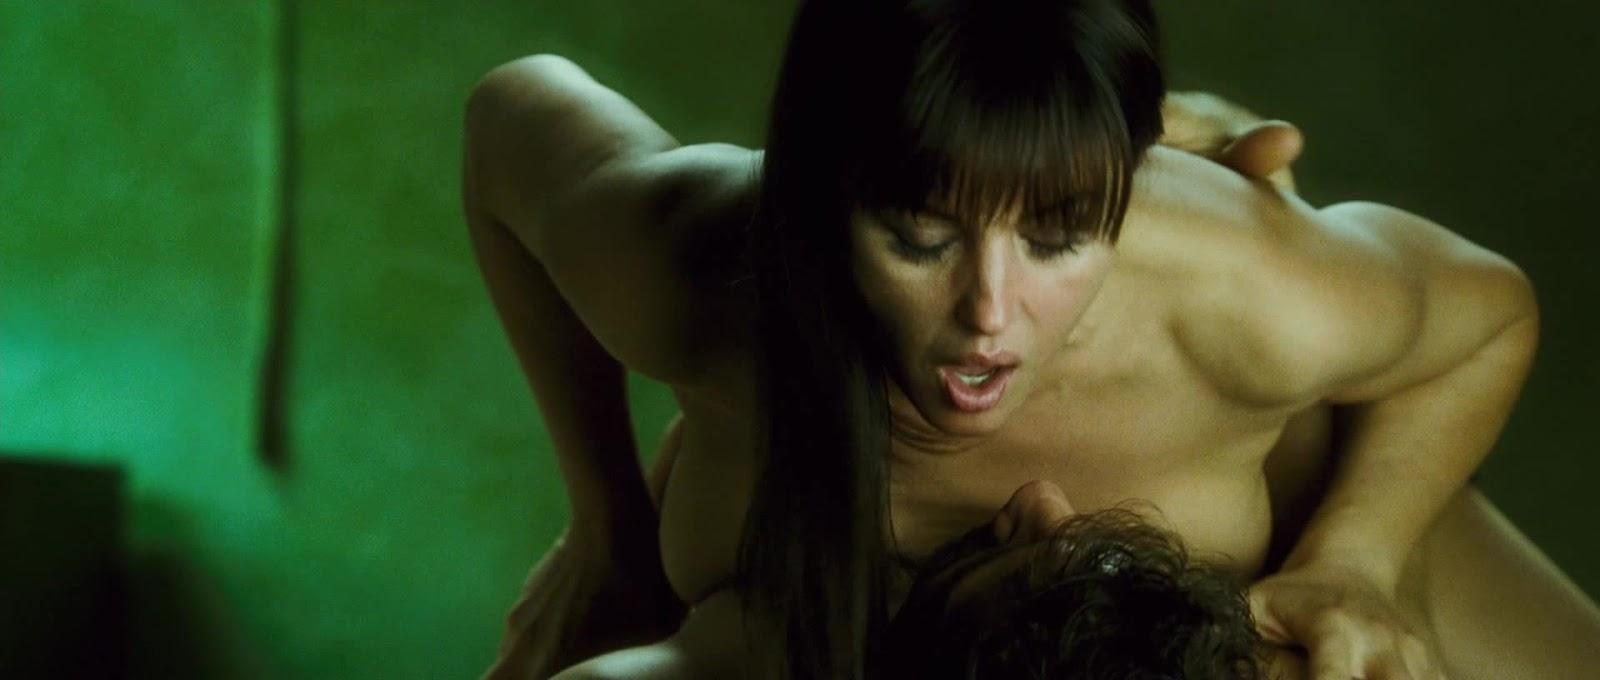 Развели секс постельные сцены знаменитостей видео красоткой очаровательной